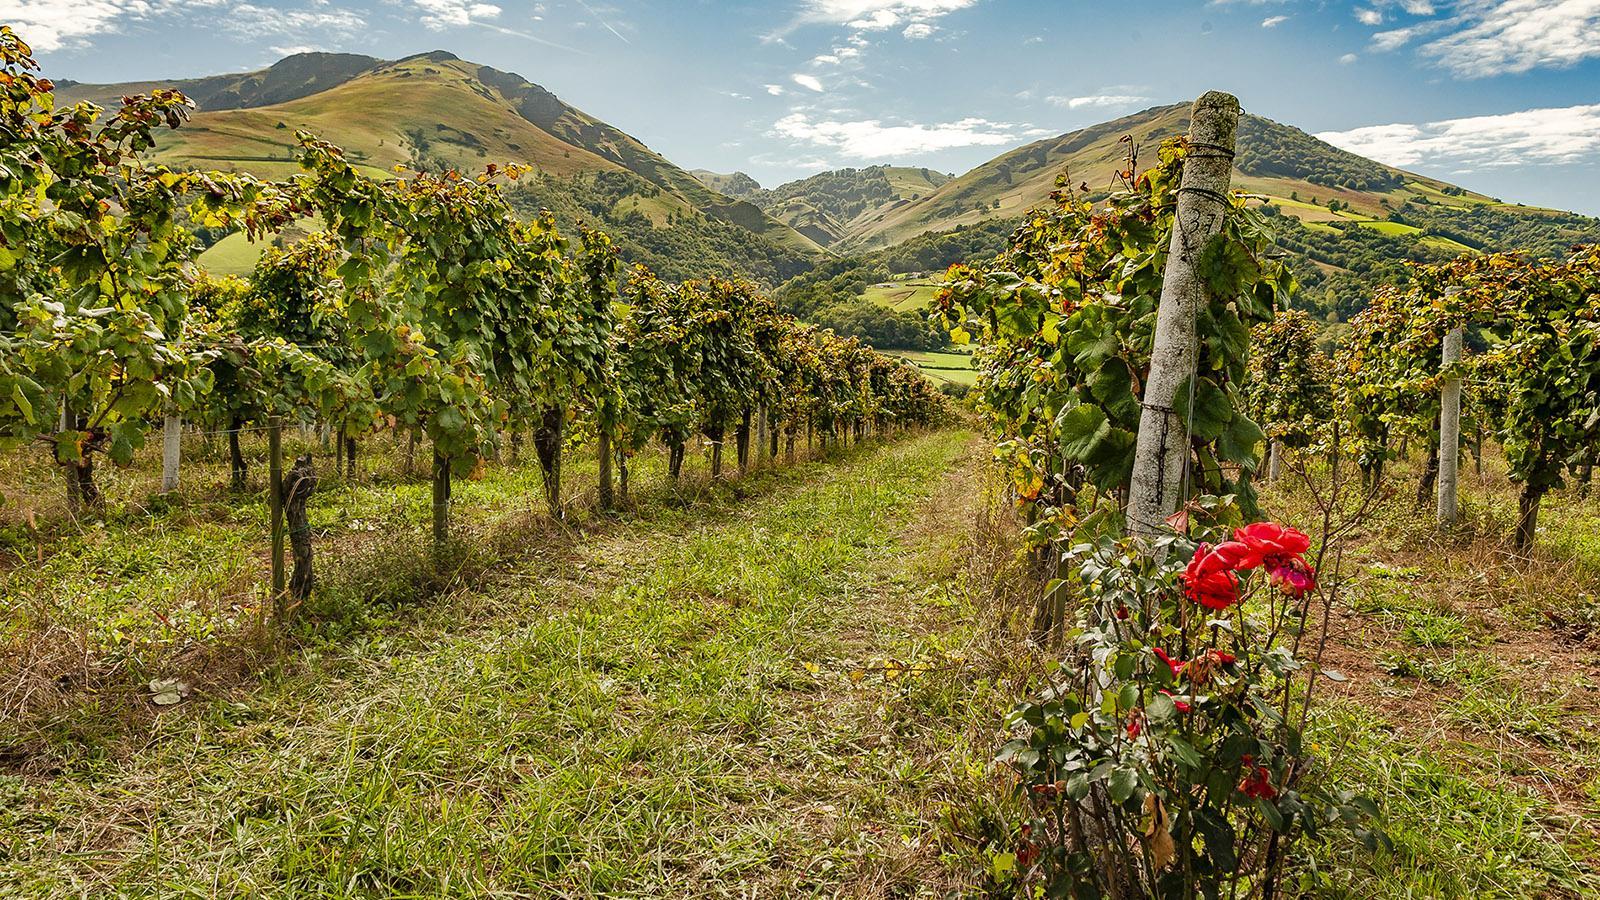 Irougleguy: Rosen zeigen, ob es dem Wein gut geht - und die Rebstöcke frei von Befall sind. Foto: Hilke Maunder